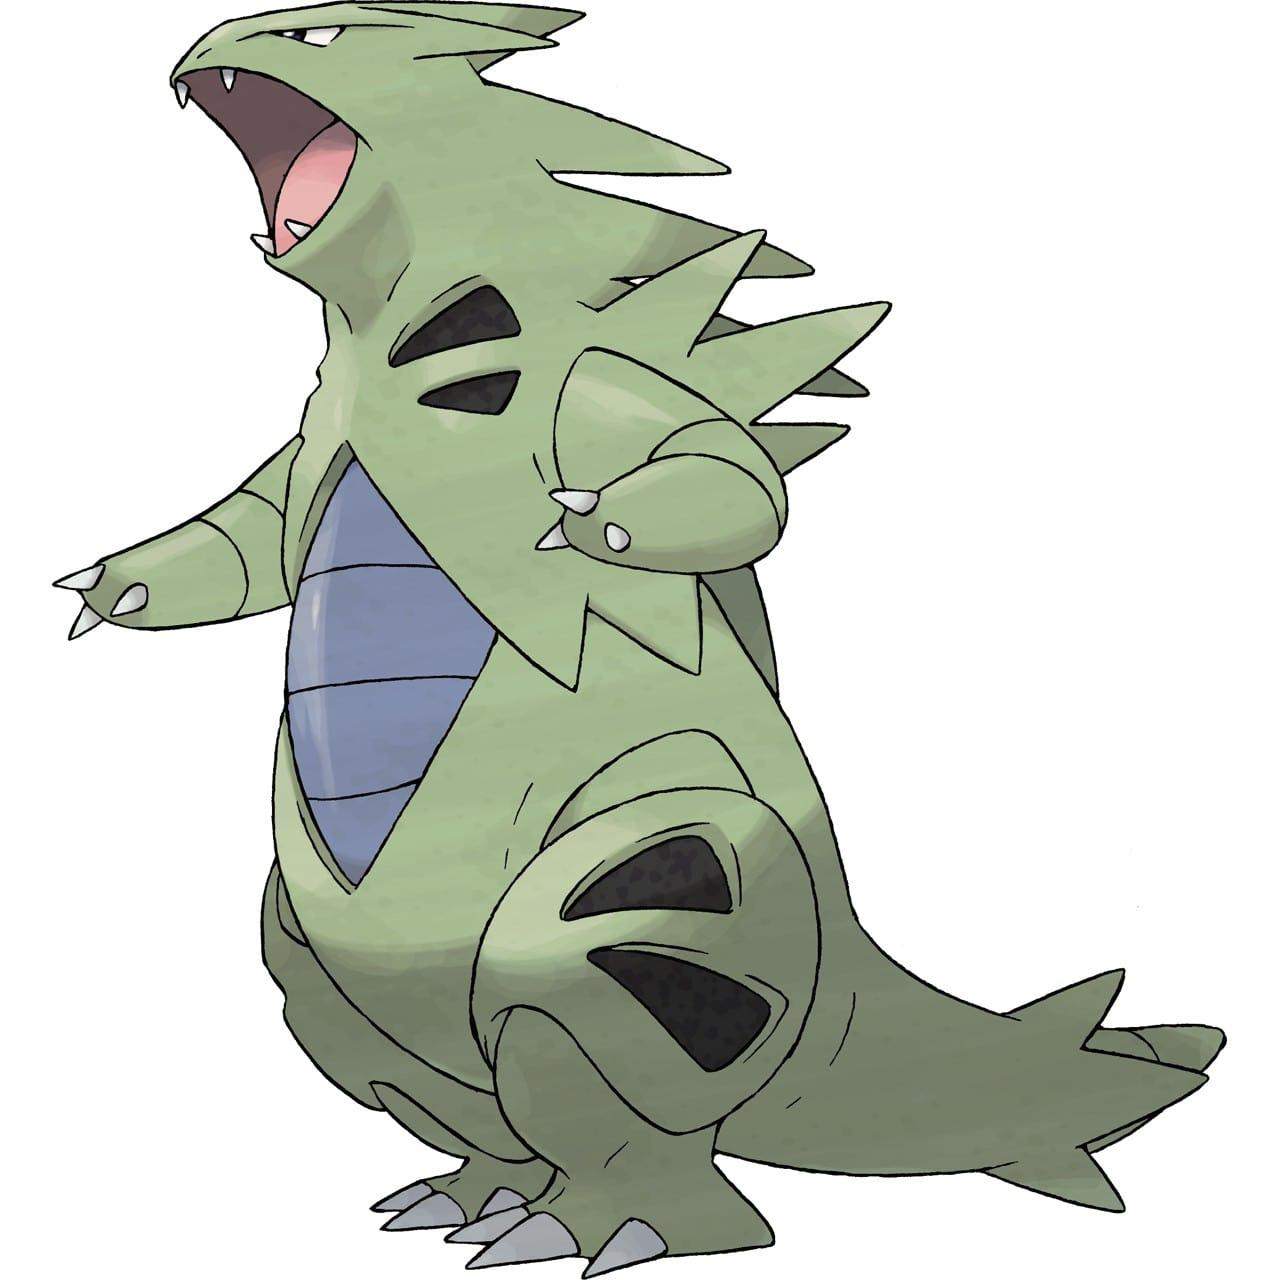 【攻略】 Pokemon GO 由基拉屬性圖鑑 由基拉好不好